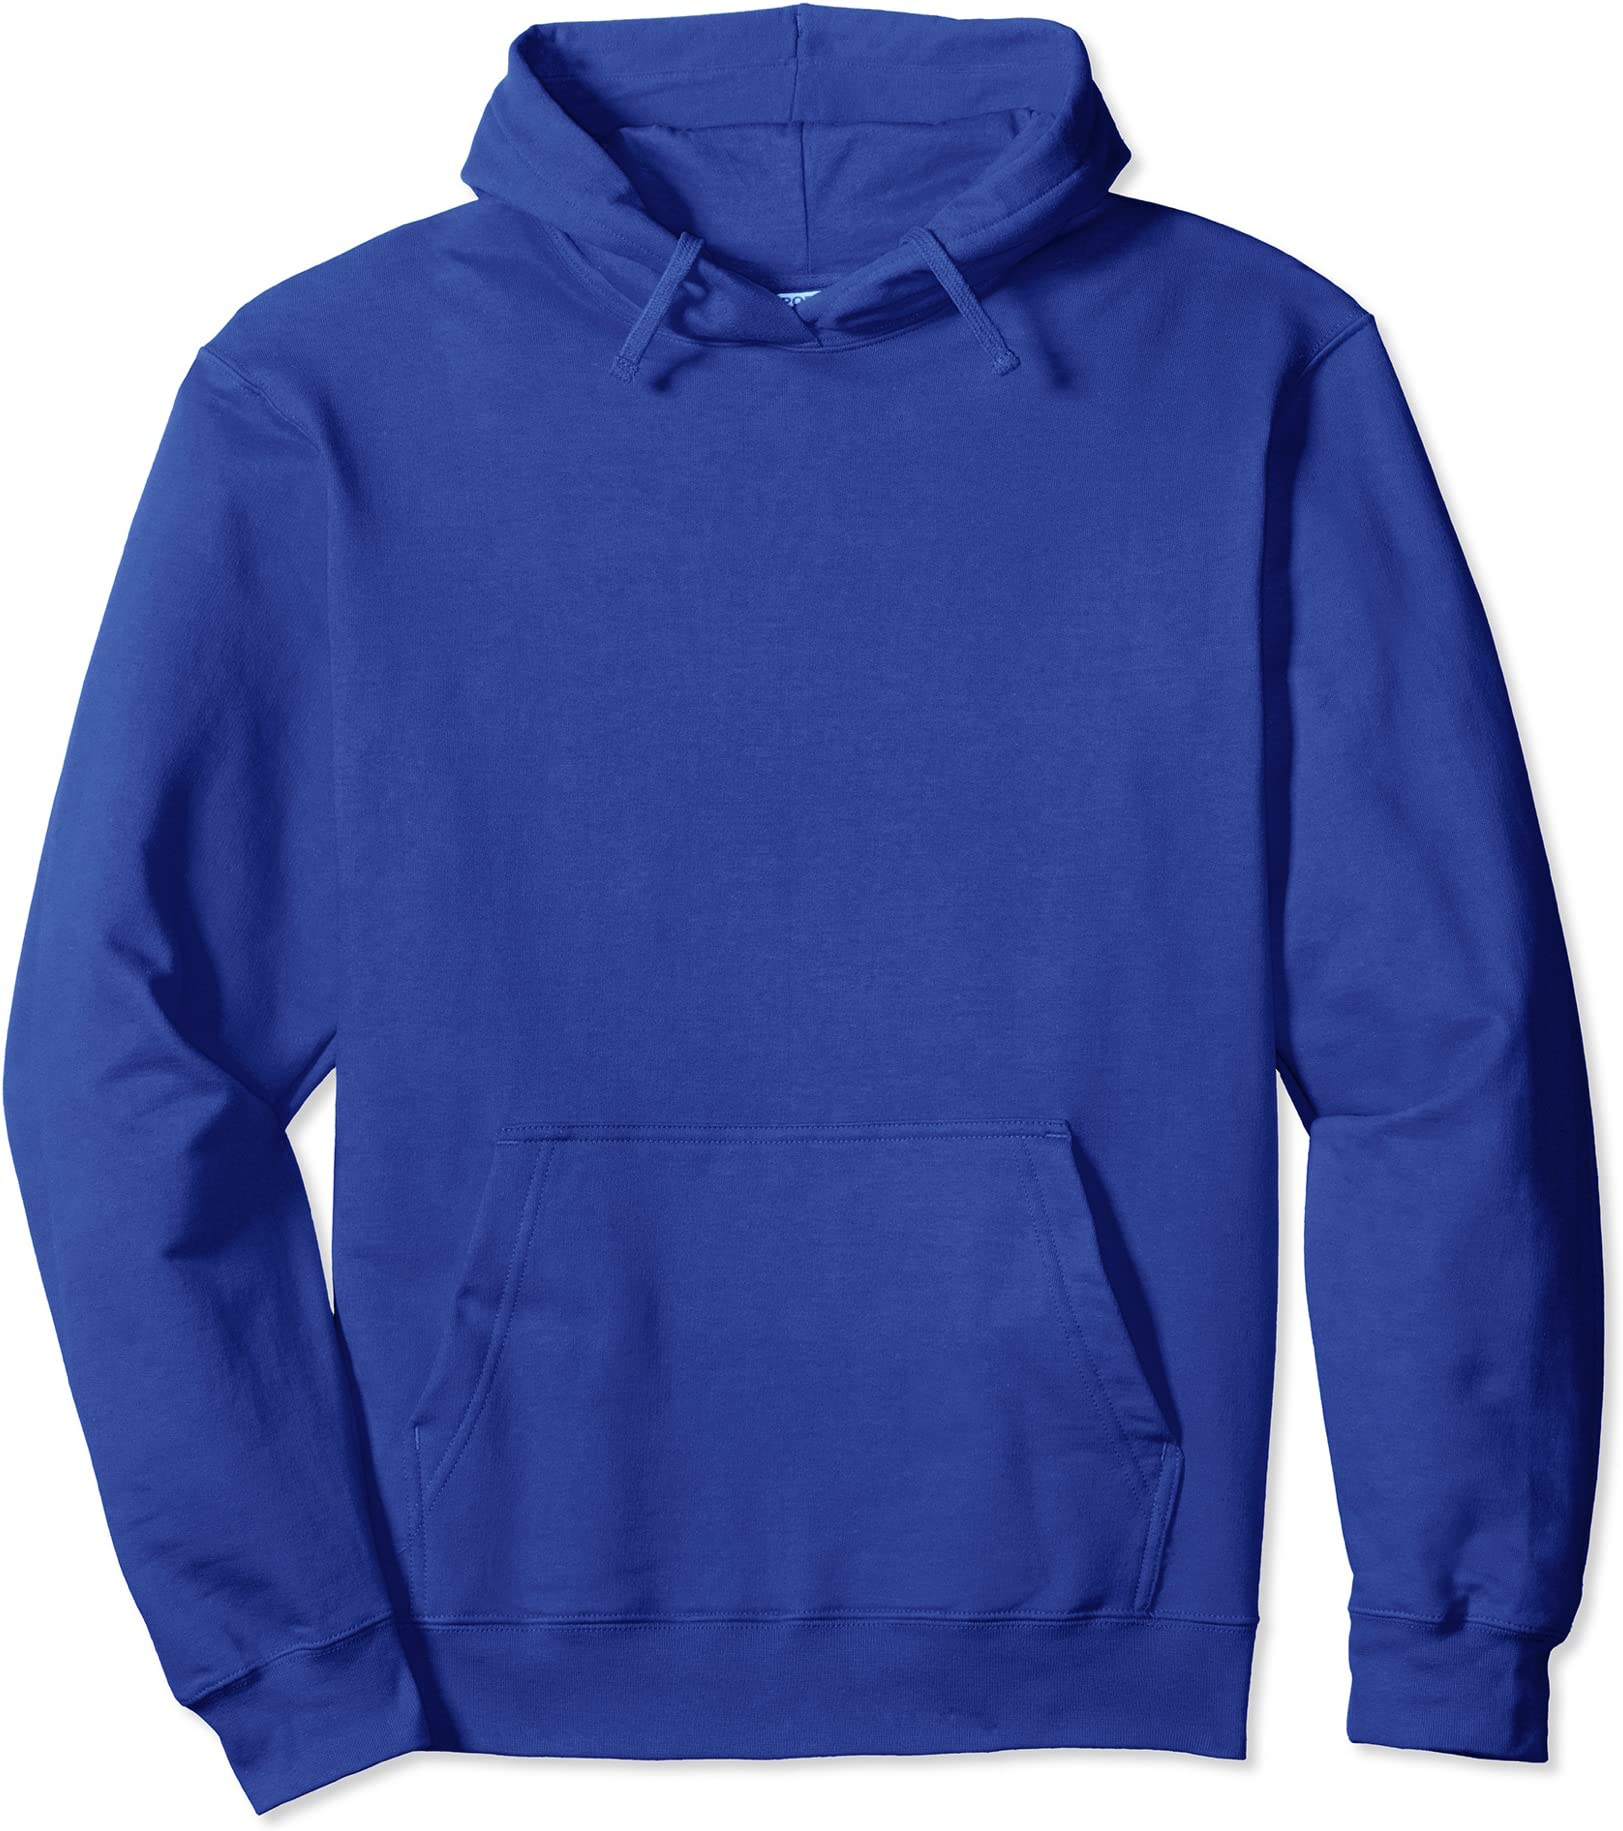 Mens Hoodies Flag of Belarus Funny Pullover Hooded Print Sweatshirt Jackets